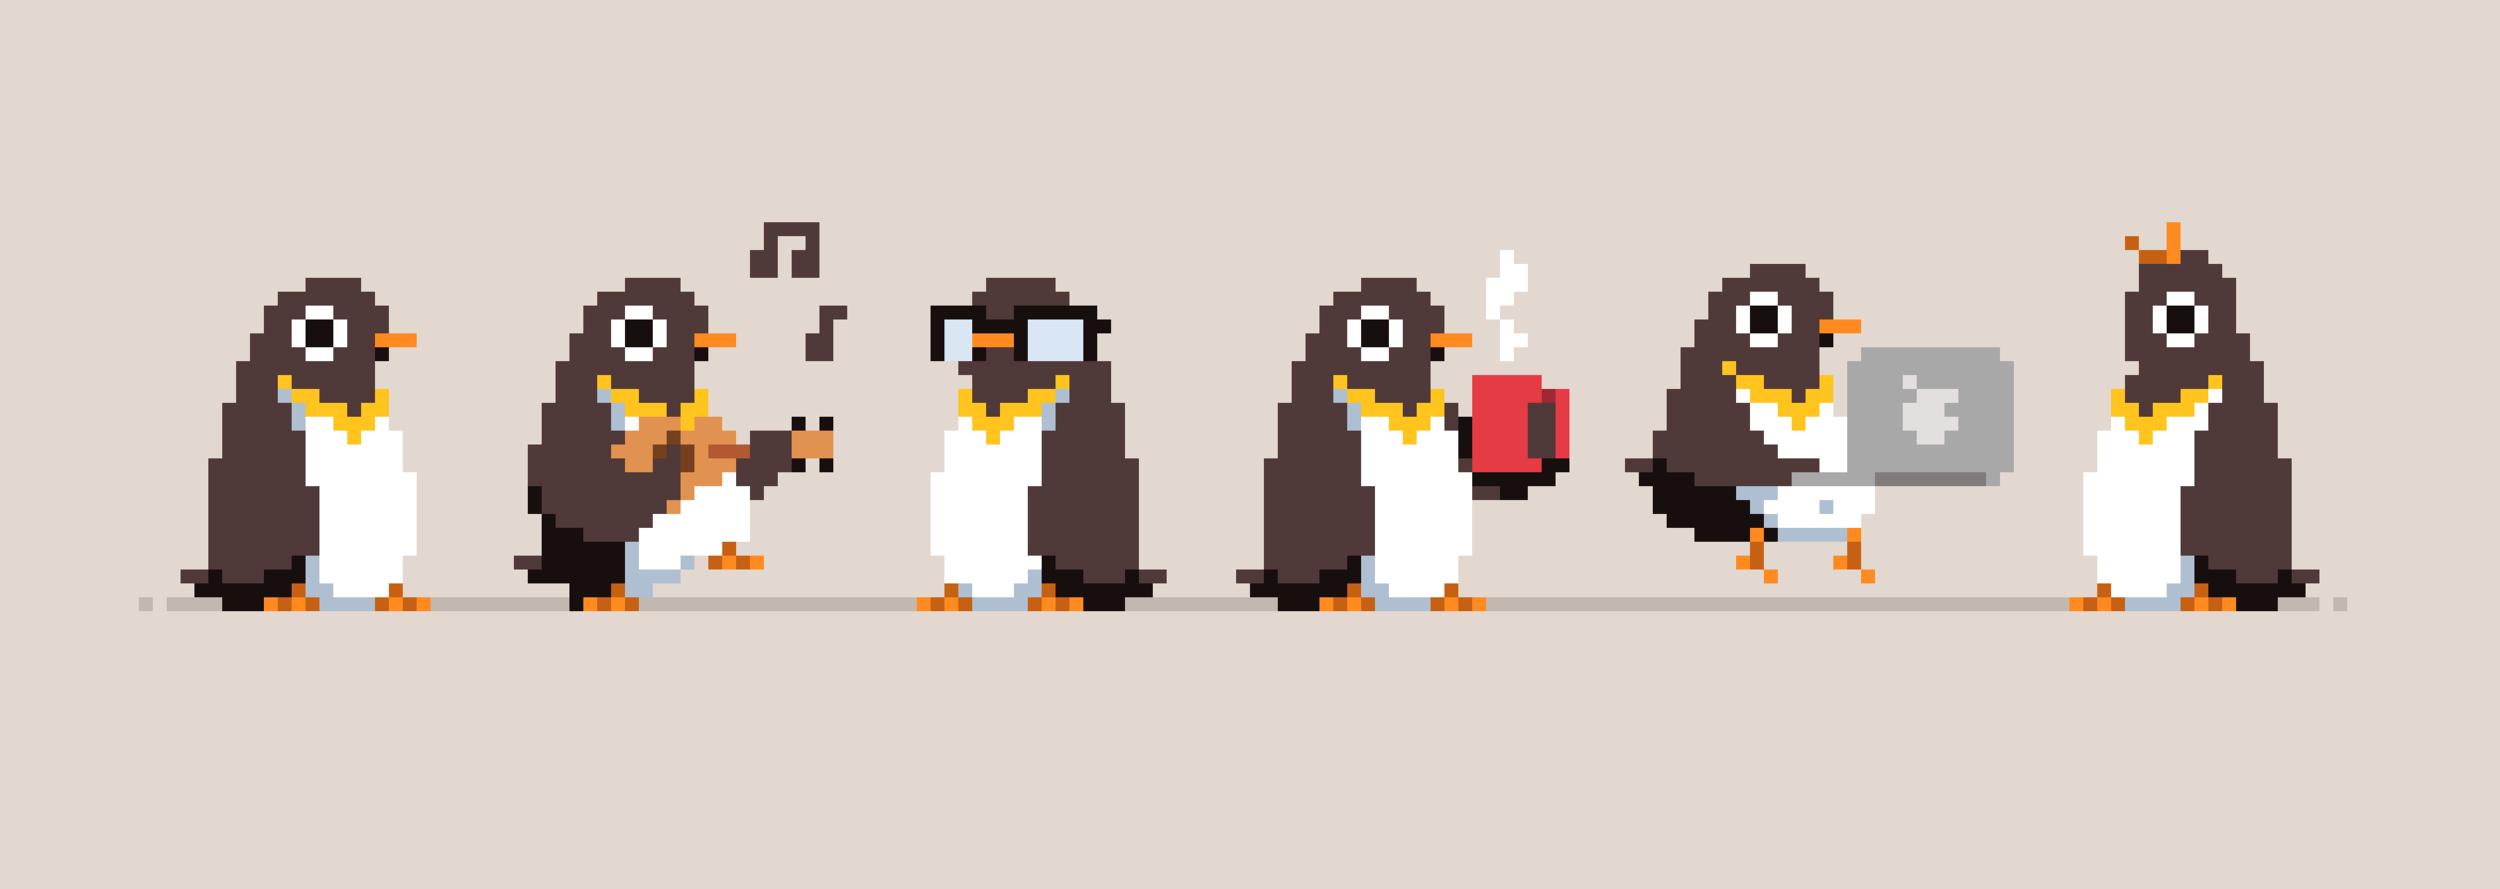 penguins_showcase.png